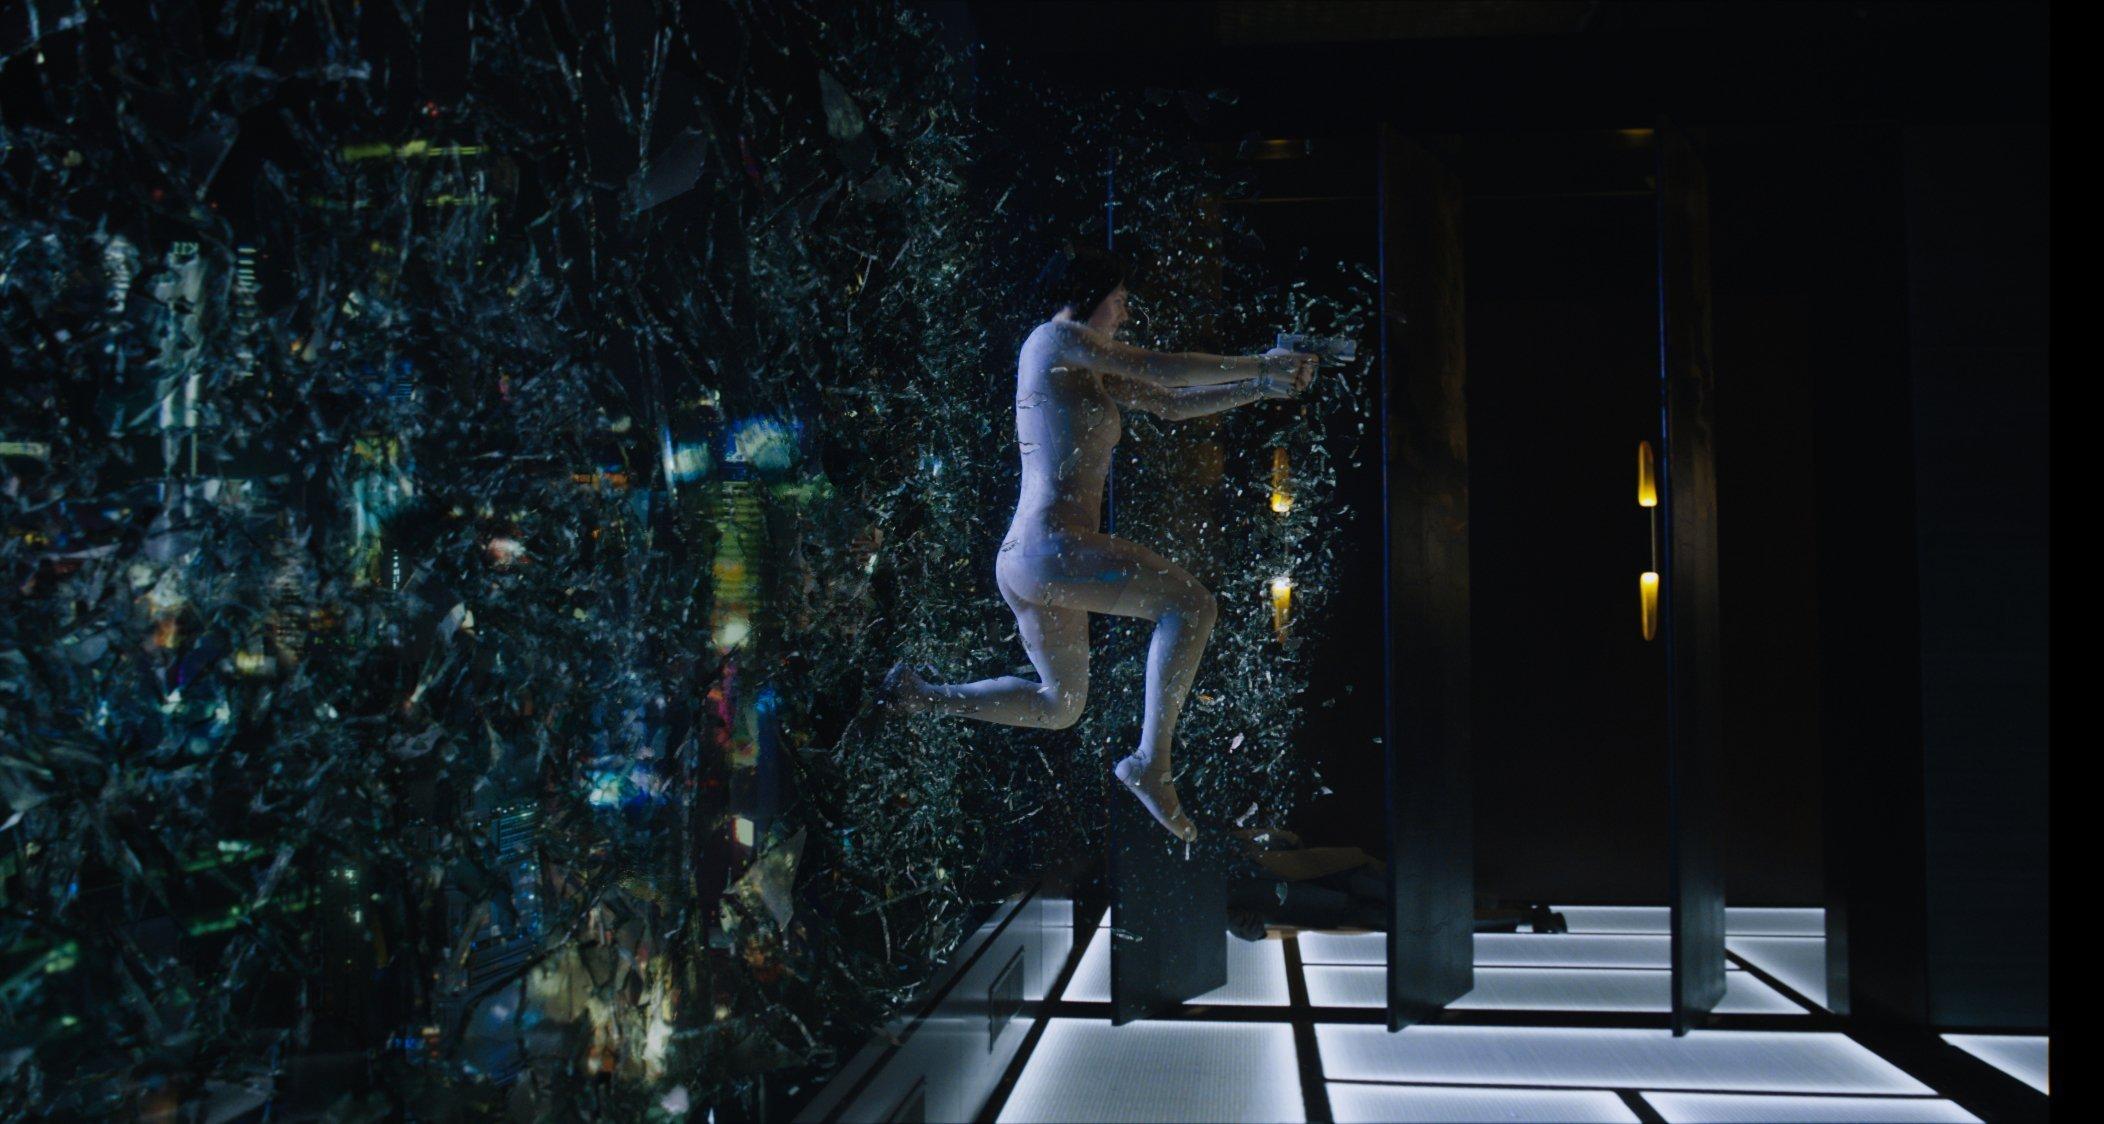 Photo du film Ghost in the Shell avec Scarlett Johansson sautant à travers une vitre